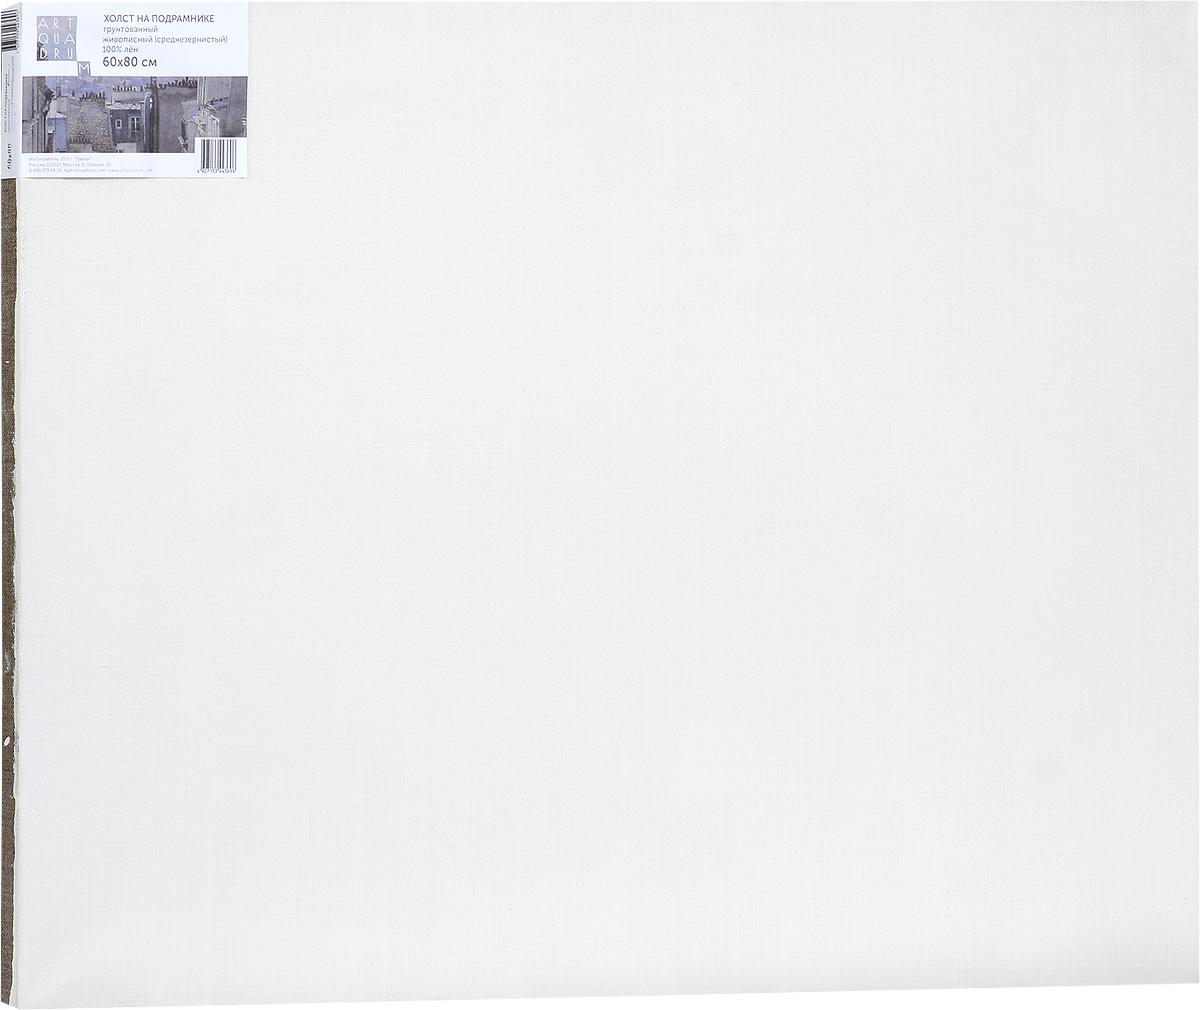 Холст ArtQuaDram Живописный на подрамнике, среднезернистый, грунтованный, 60 х 80 смТ0003758Холст на деревянном подрамнике ArtQuaDram Живописный изготовлен из 100% натурального льна. Подходит для профессионалов и художников. Холст не трескается, не впитывает слишком много краски, цвет краски и качество не изменяются. Холст идеально подходит для масляной и акриловой живописи.